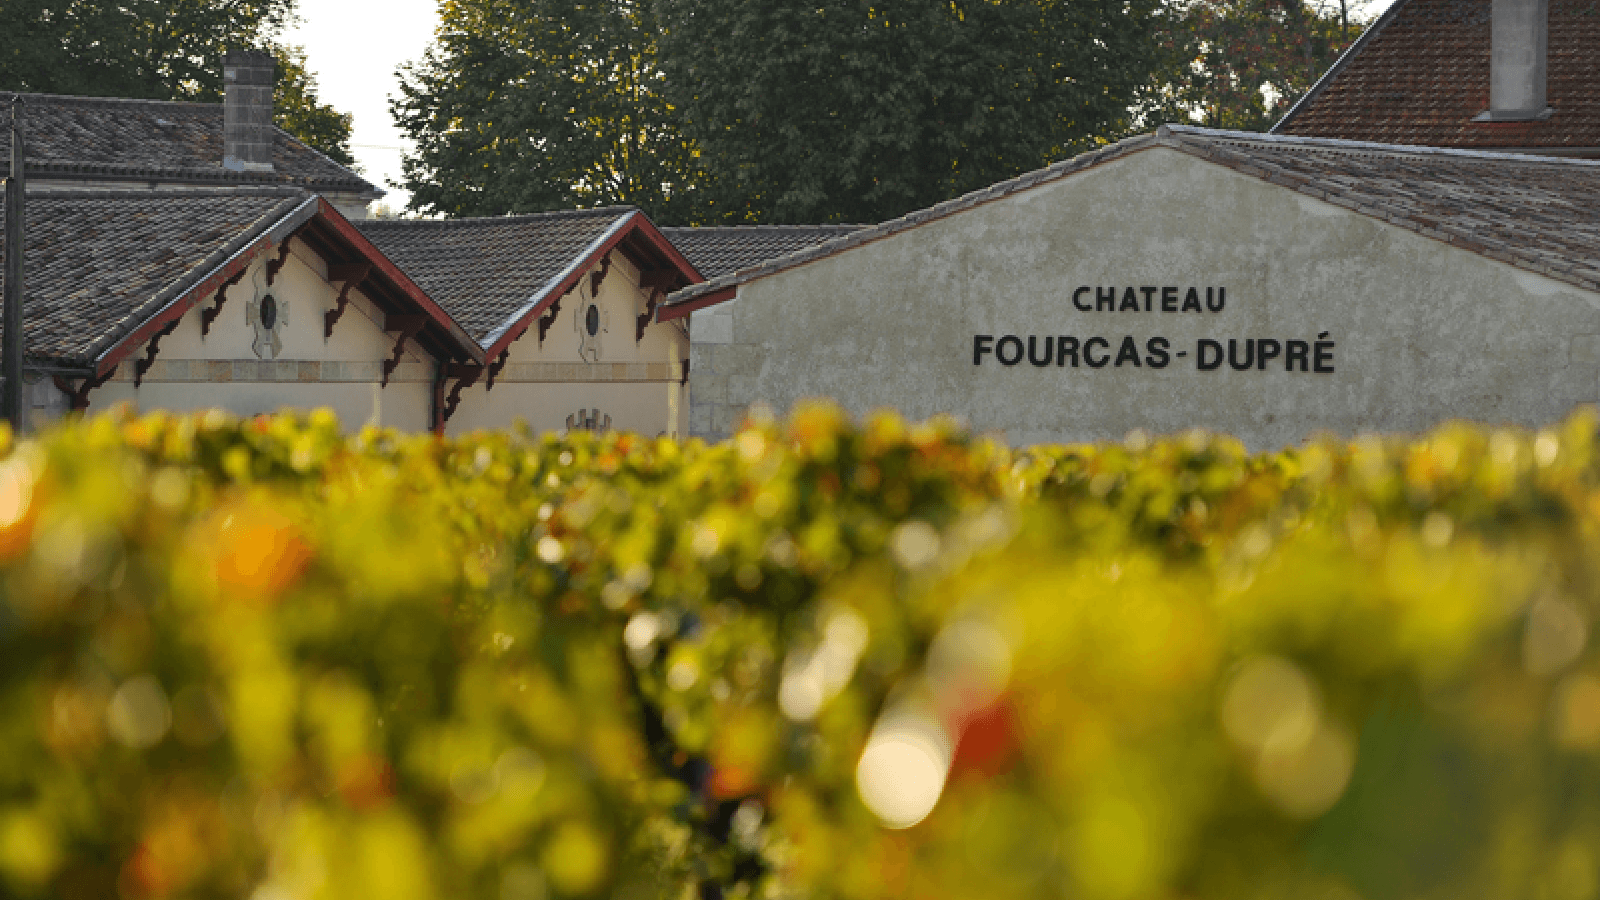 Château Fourcas Dupré 1